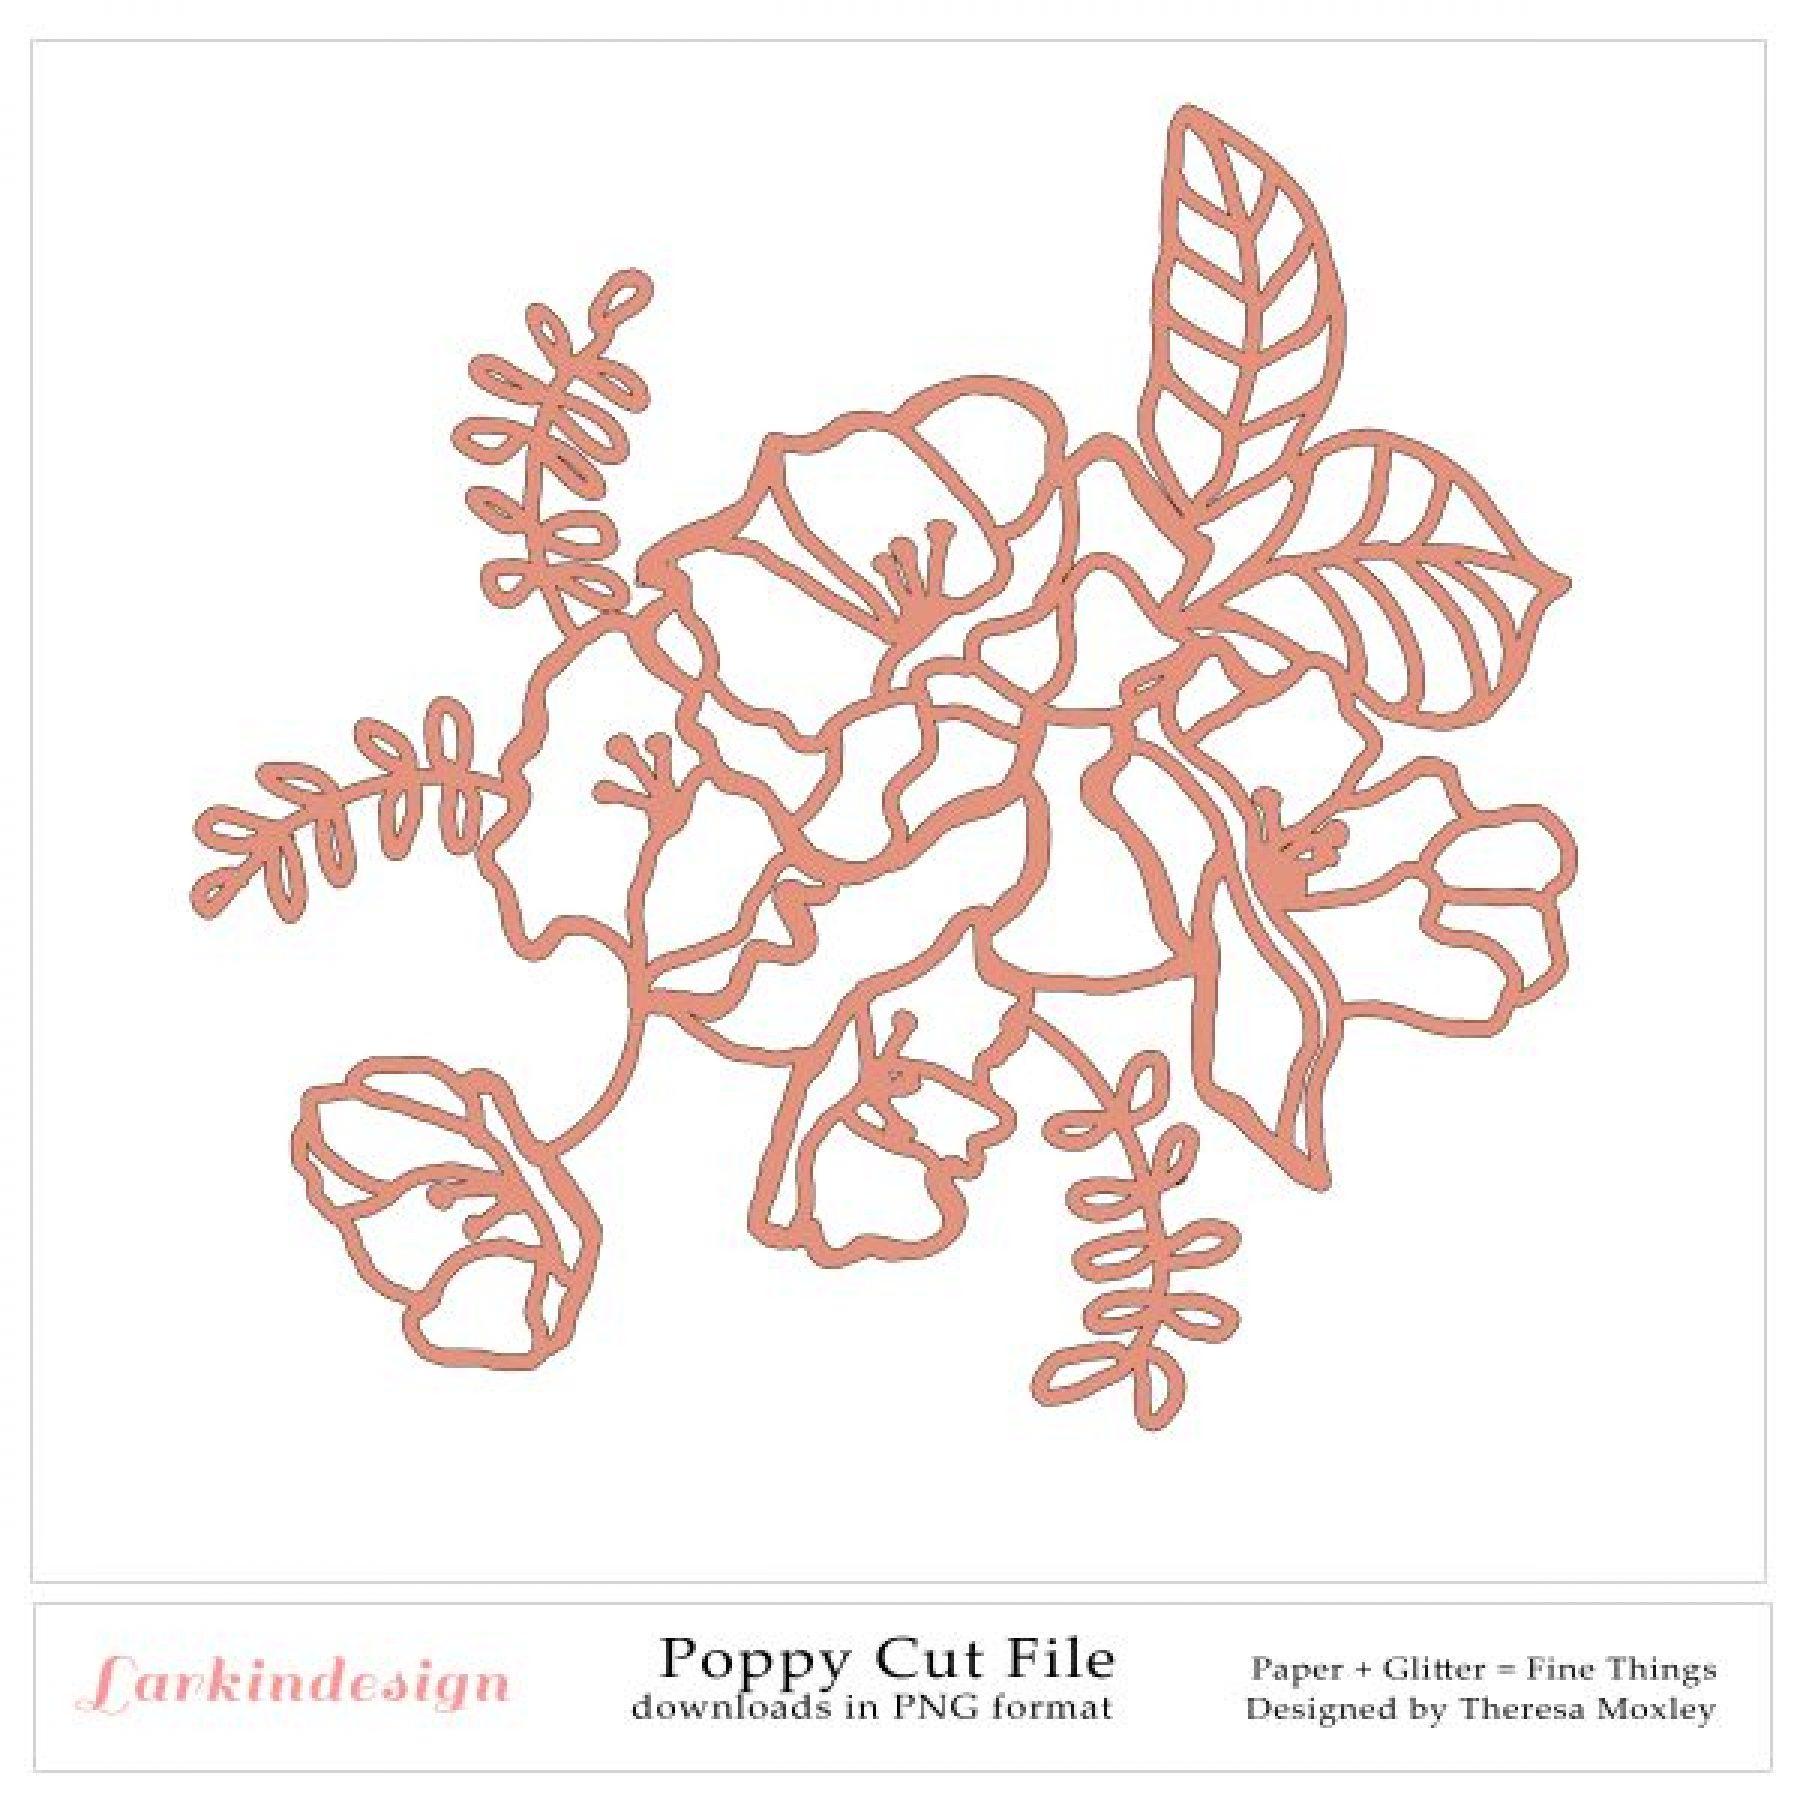 12x12-Poppy-Preview-IMG-600x600